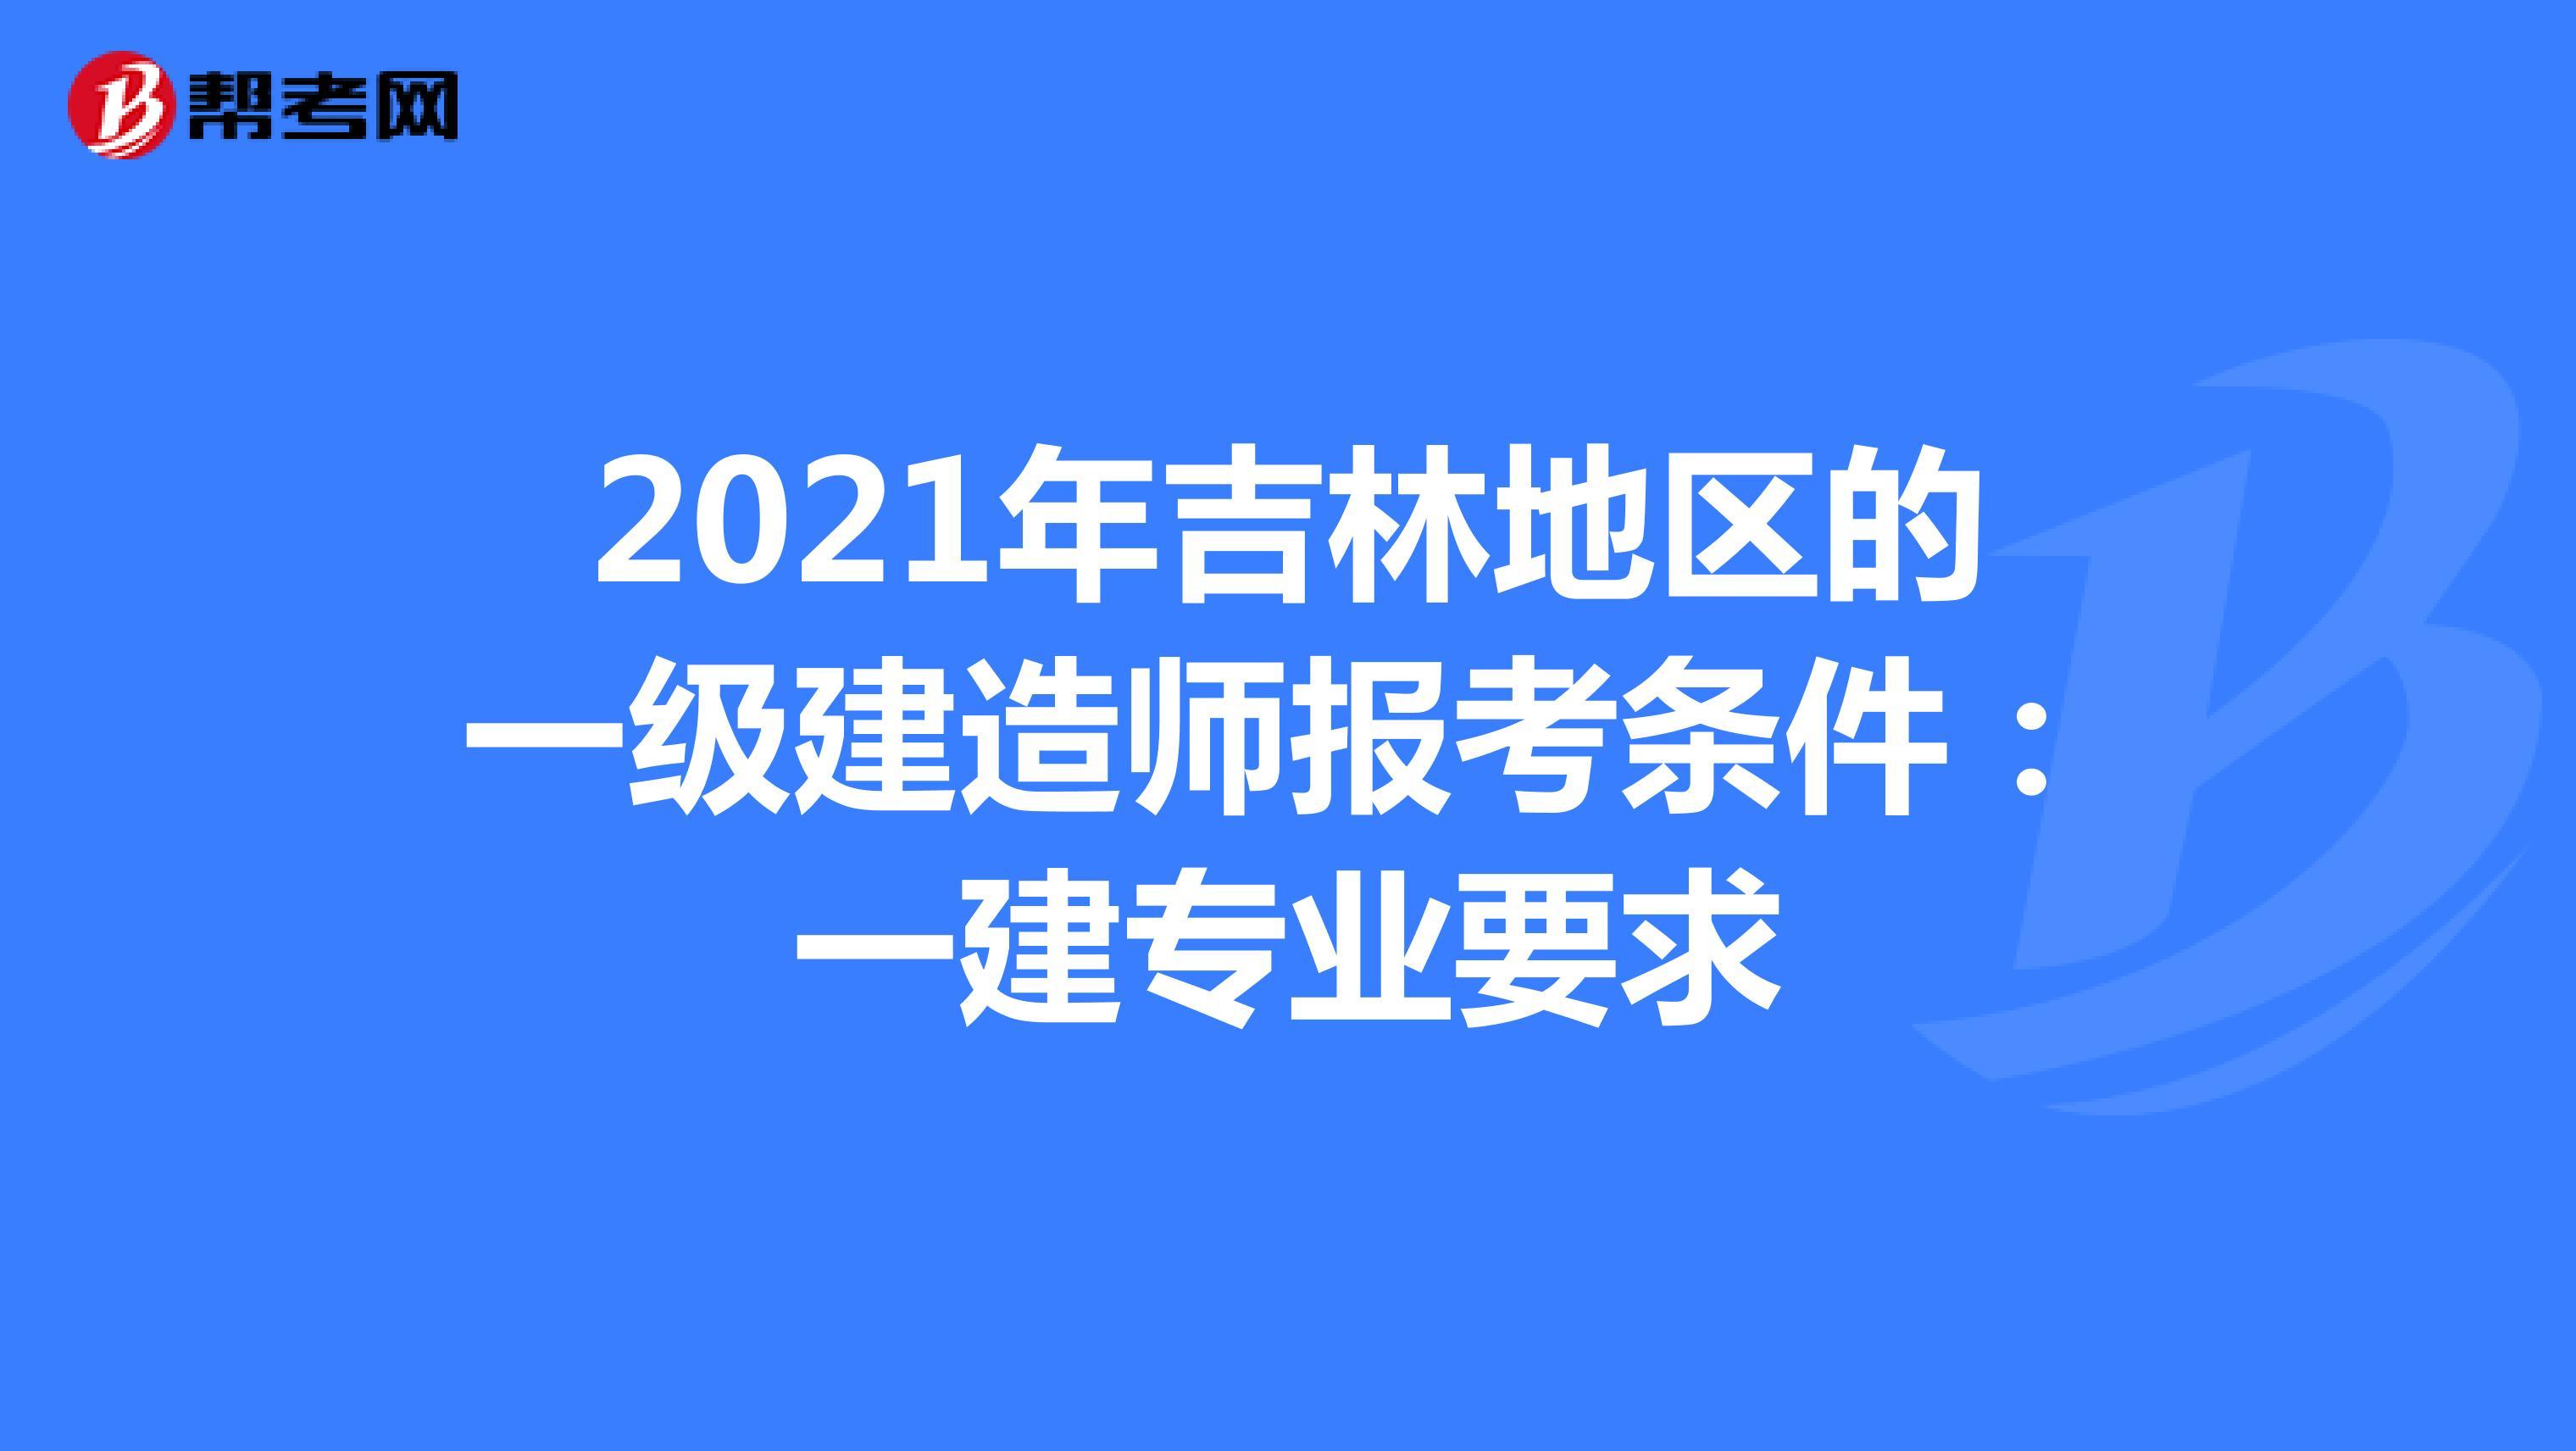 2021年吉林地区的一级建造师报考条件:一建专业要求